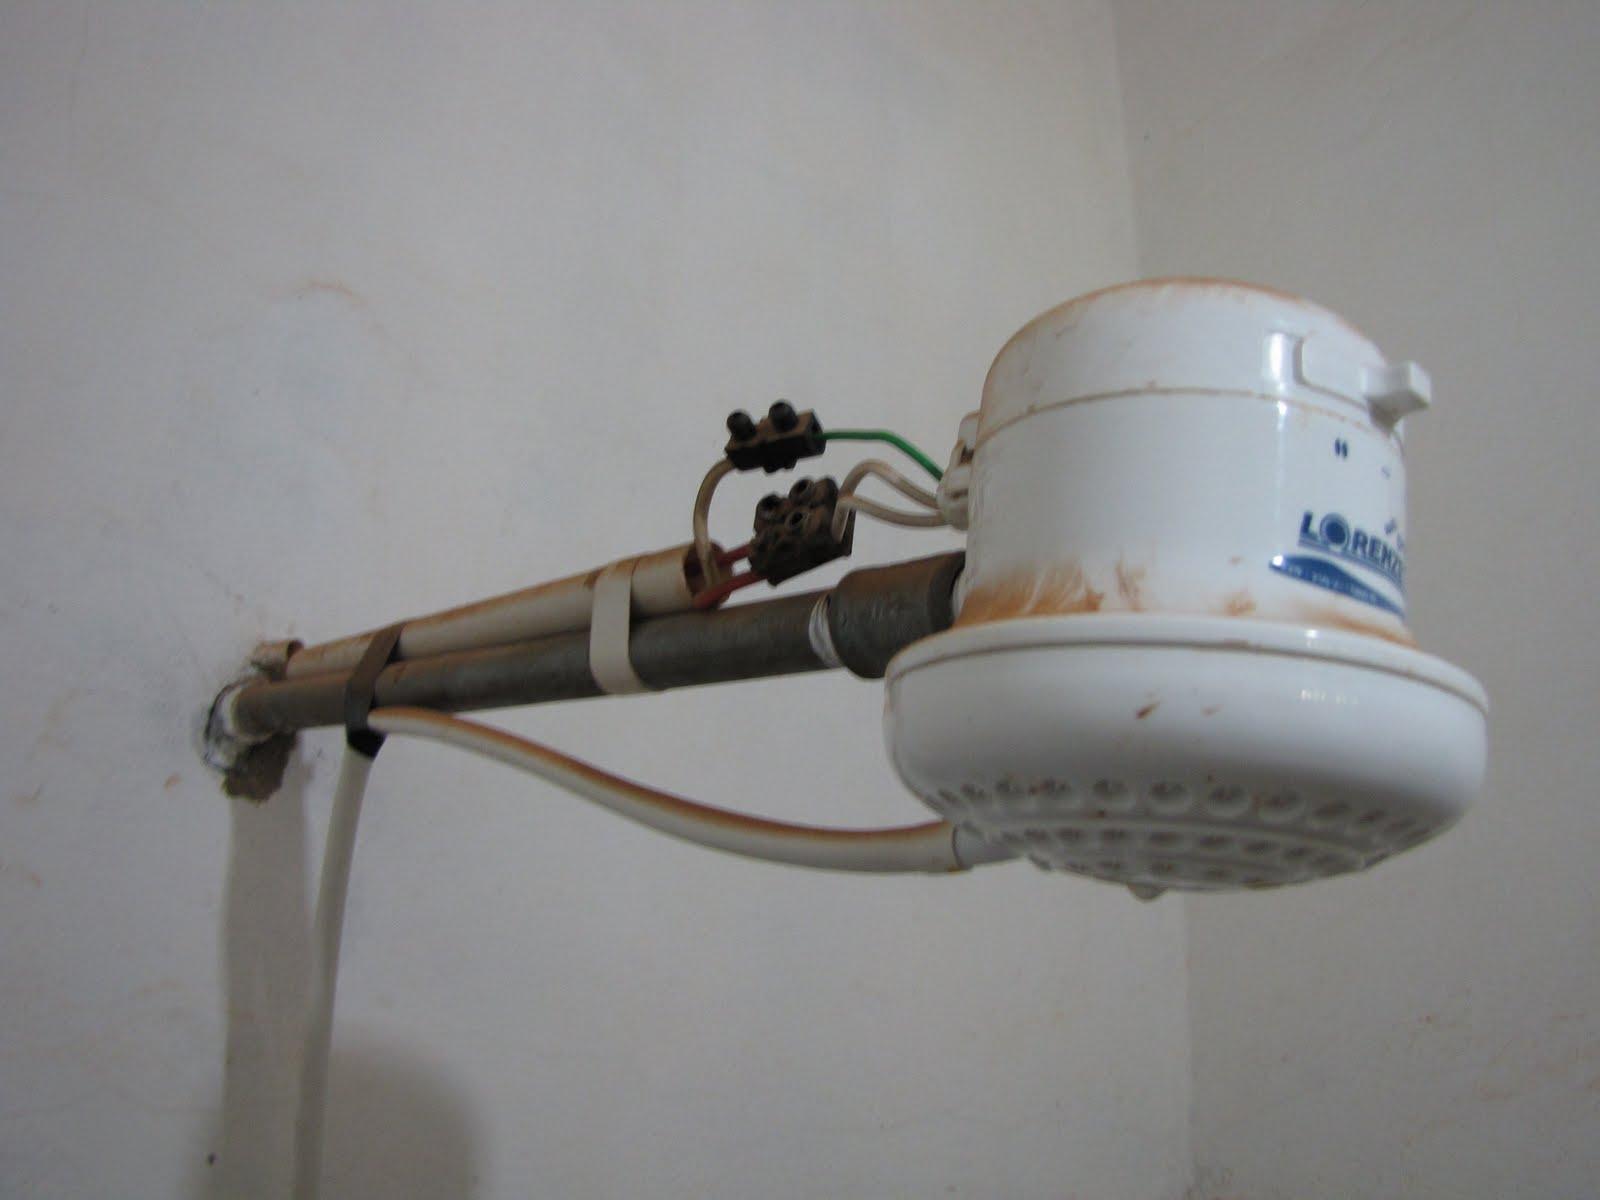 Mon ann e en am rique du sud la douche lectrique - Epilateur electrique sous la douche ...